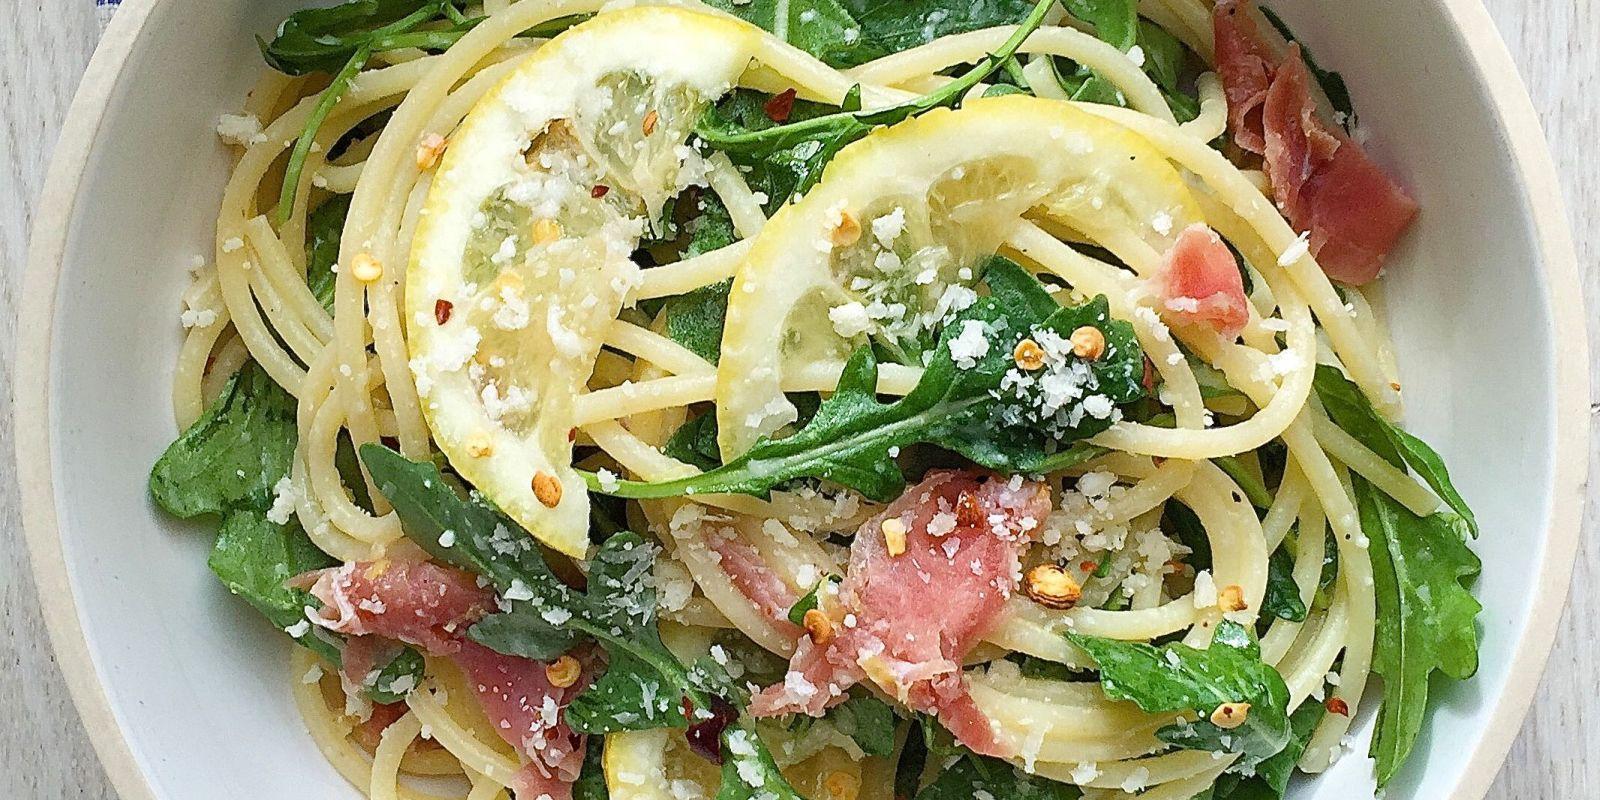 Spaghetti with Lemon, Arugula, and Prosciutto Recipe - How ...